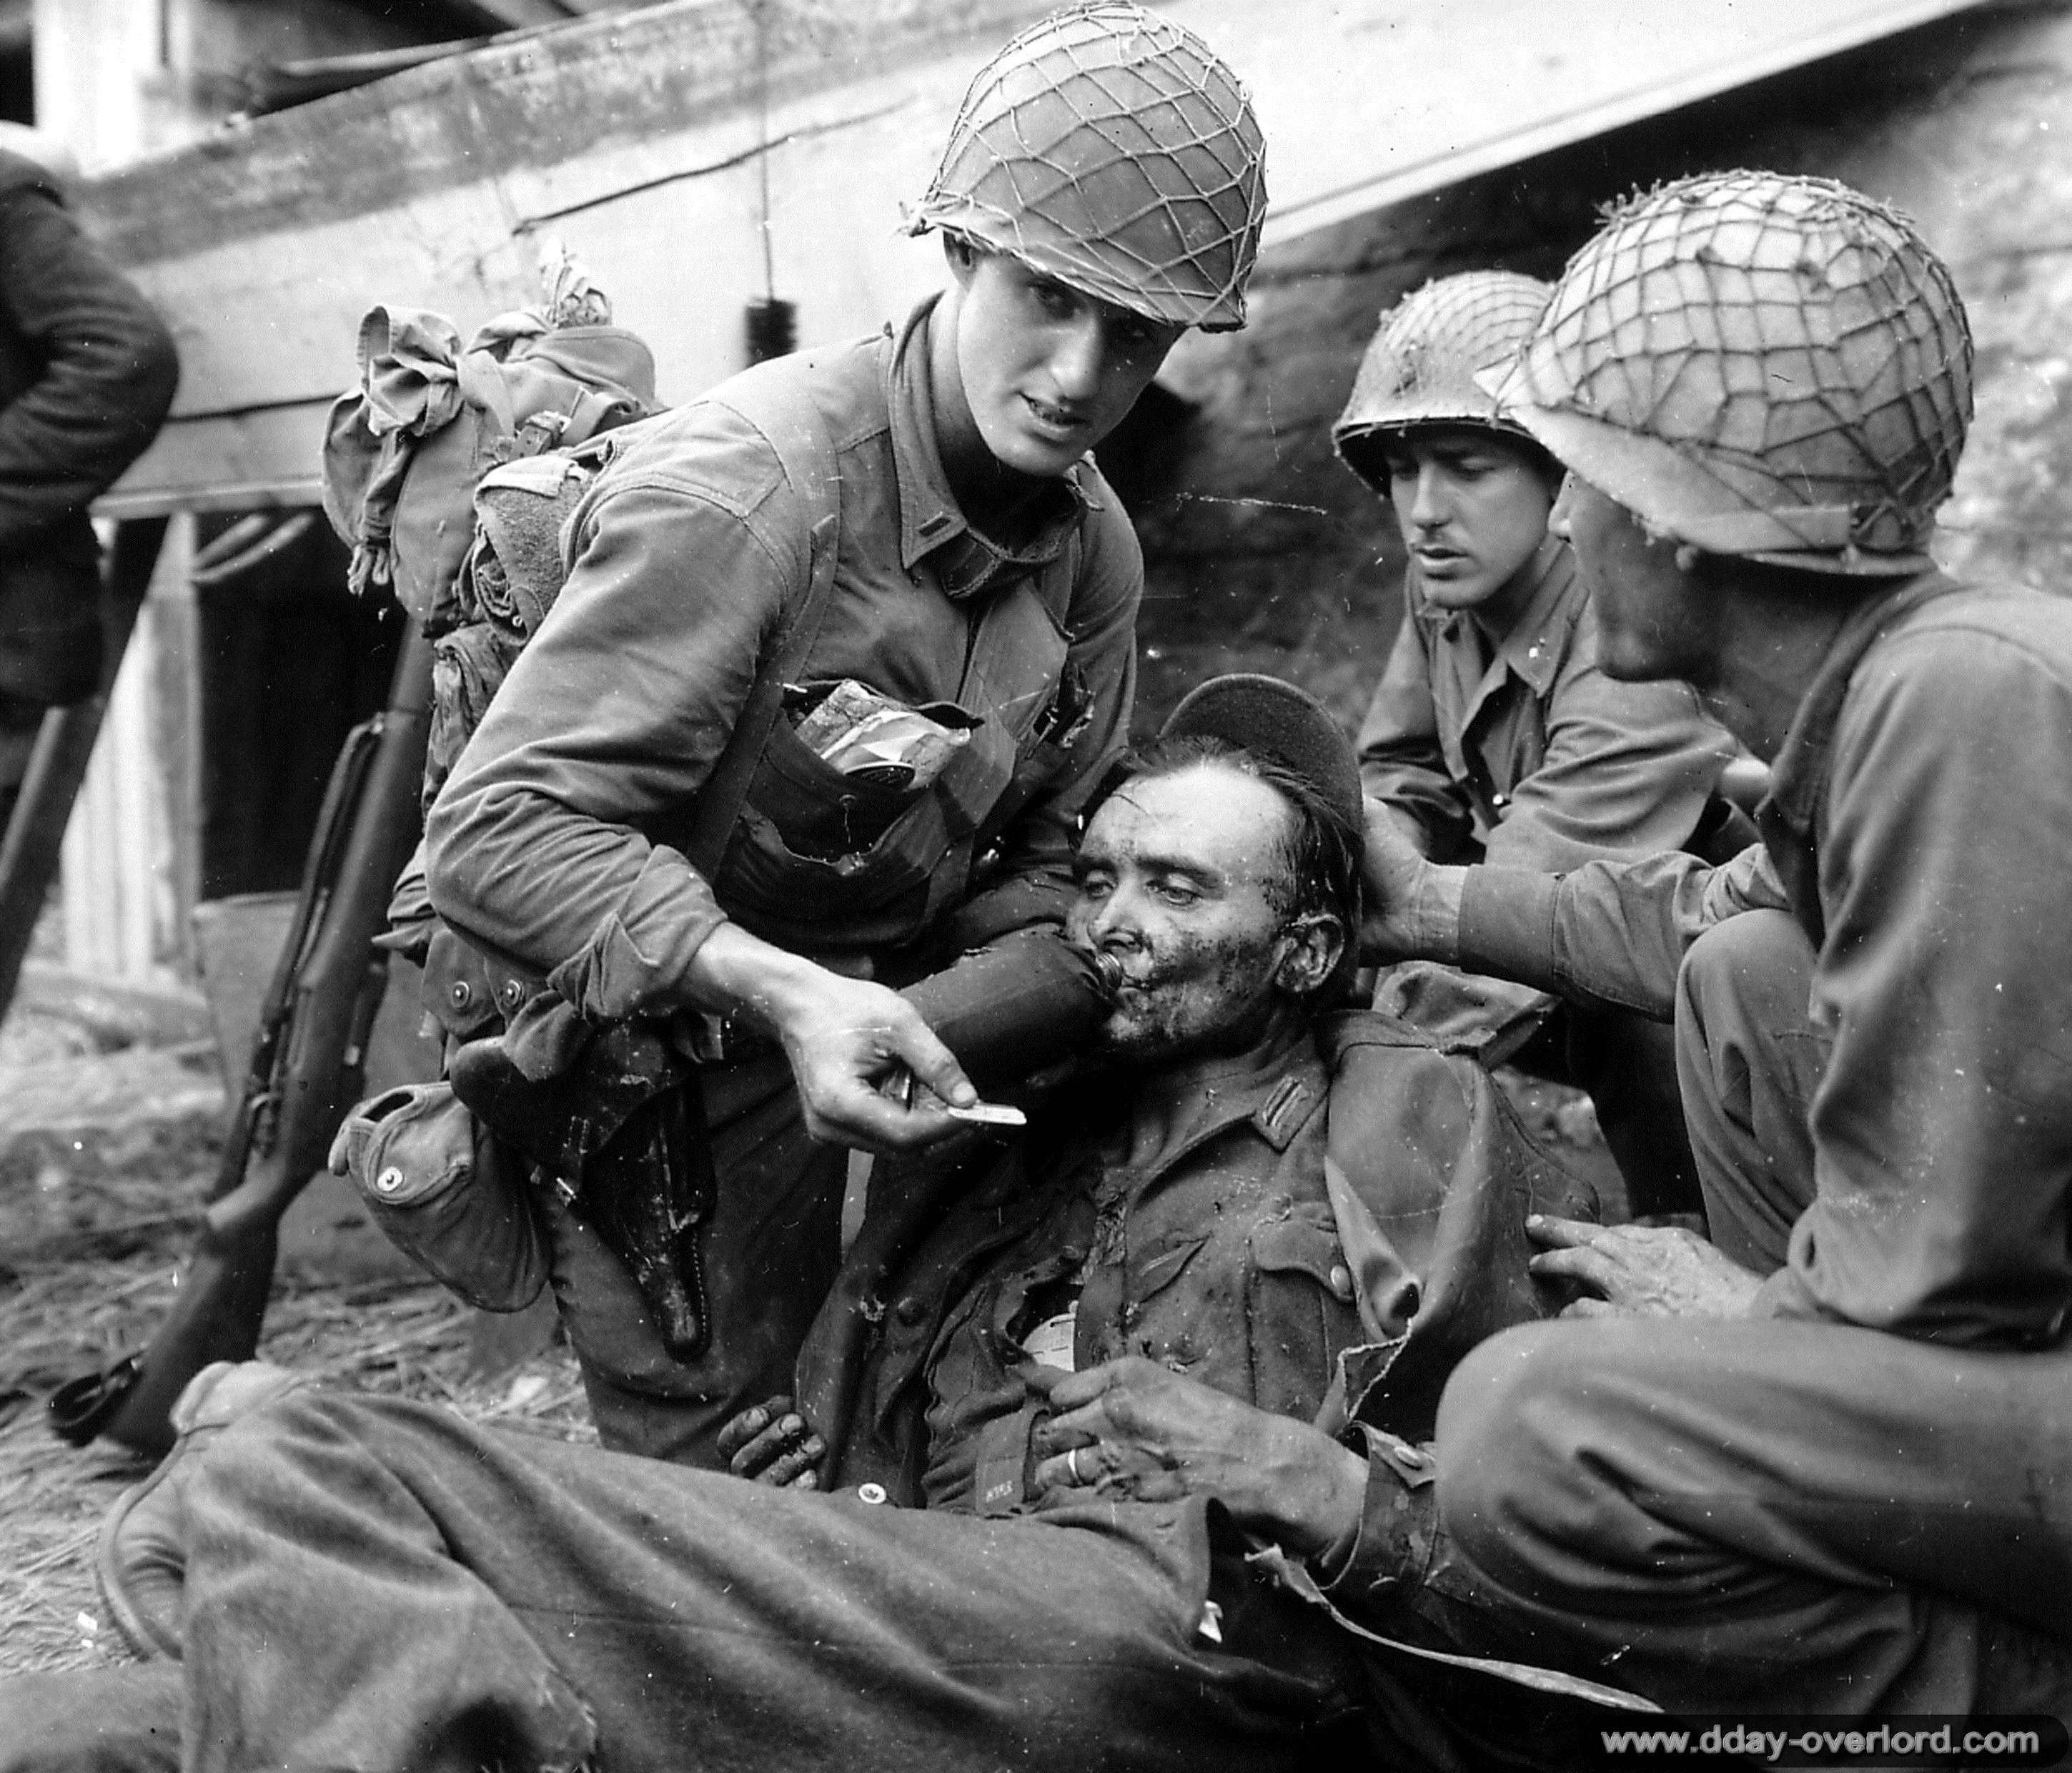 Photos de ManteslaJolie pendant la bataille de Normandie dans les